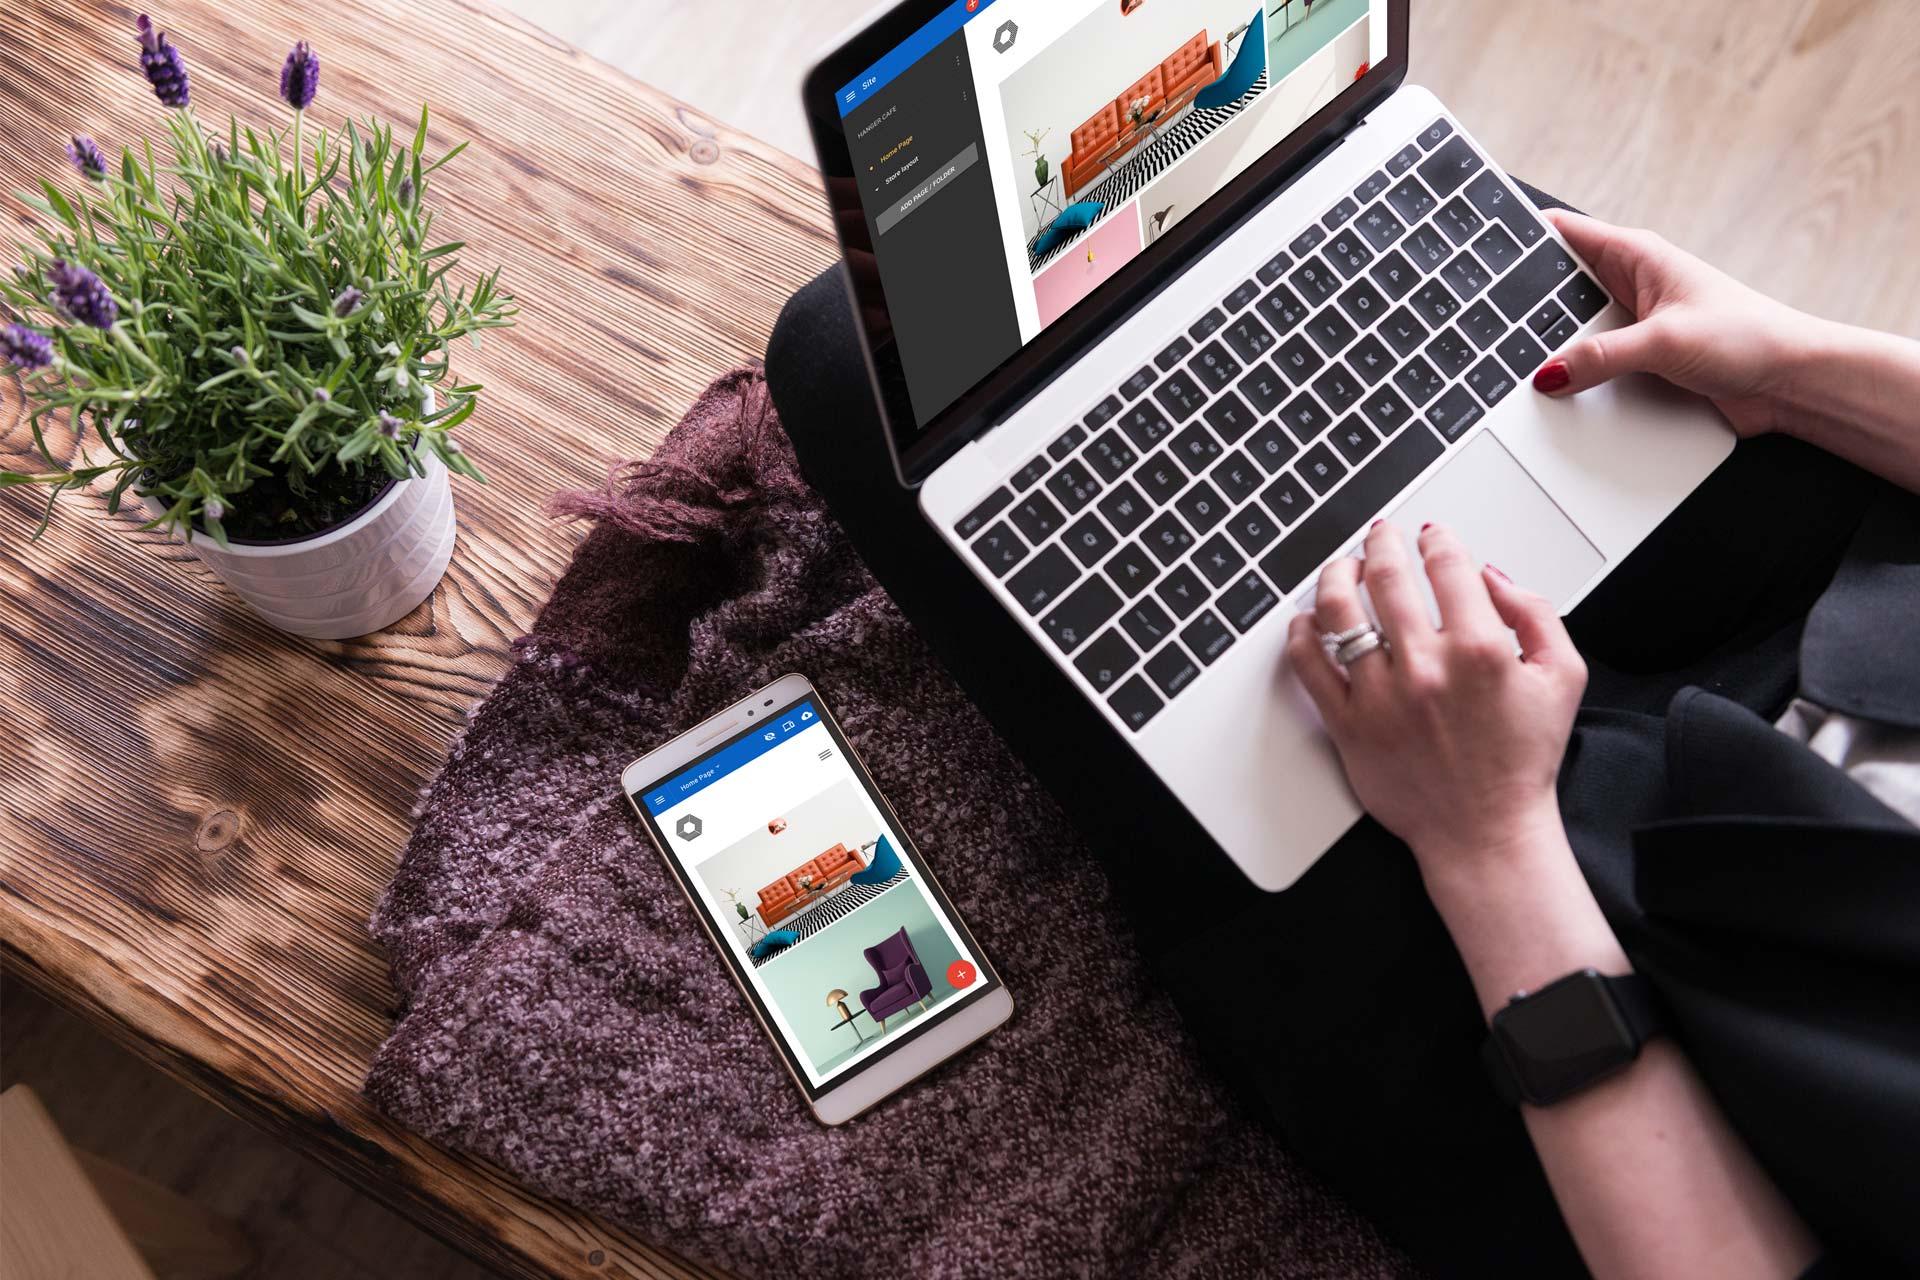 Hemsideprogrammet Surftown Sitebuilder fungerar lika bra för att skapa företagets hemsida, på telefonen som på datorn, både för besökare och för dig som administrerar sidan.